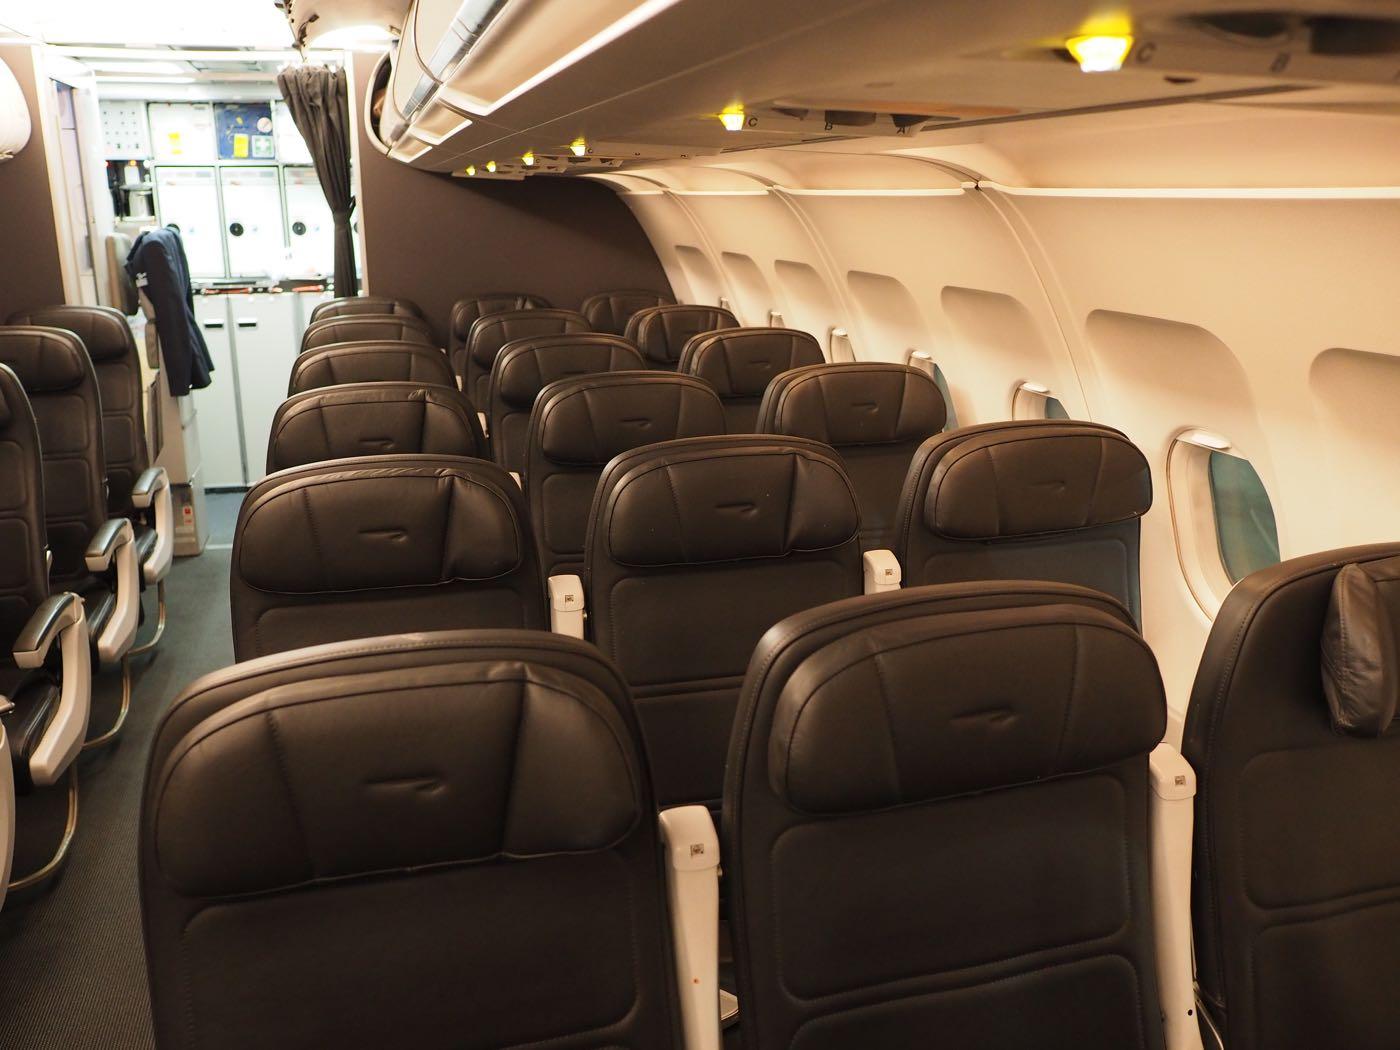 ブリティッシュエアウェイズ BA456便 ロンドン→マドリード A321-200 ユーロトラベラー(エコノミークラス)搭乗記